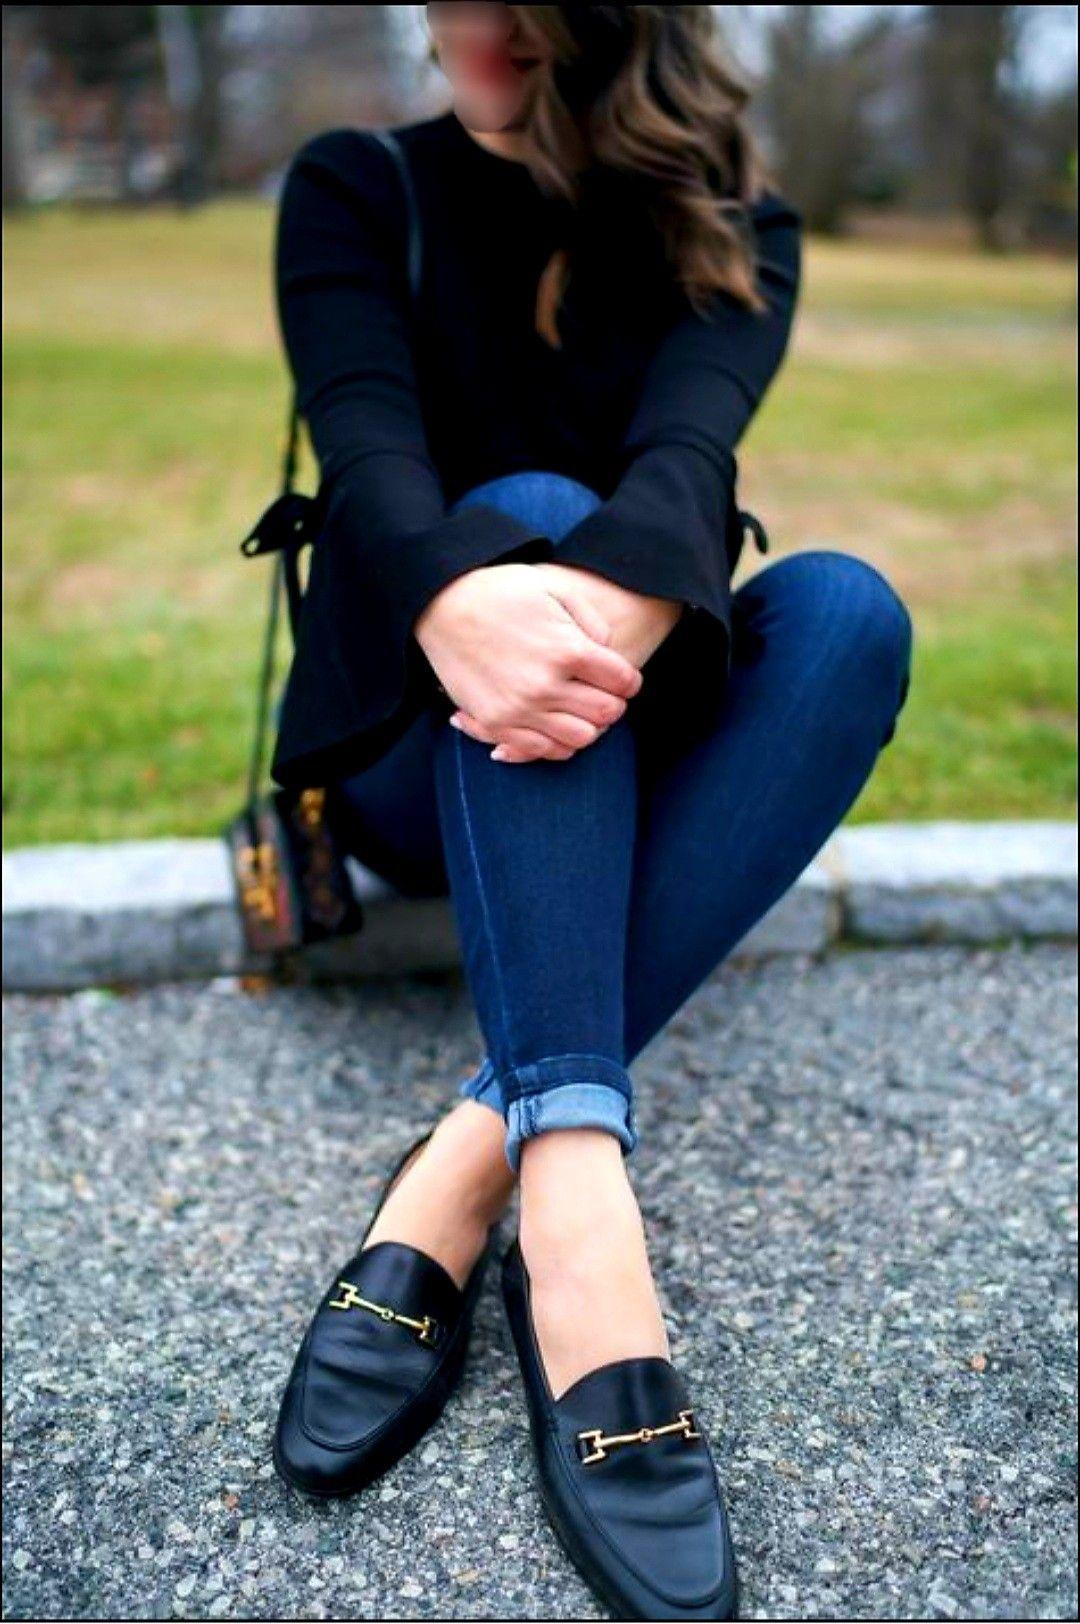 Tendance Chaussures 2017 - Class tenue de soirée chic